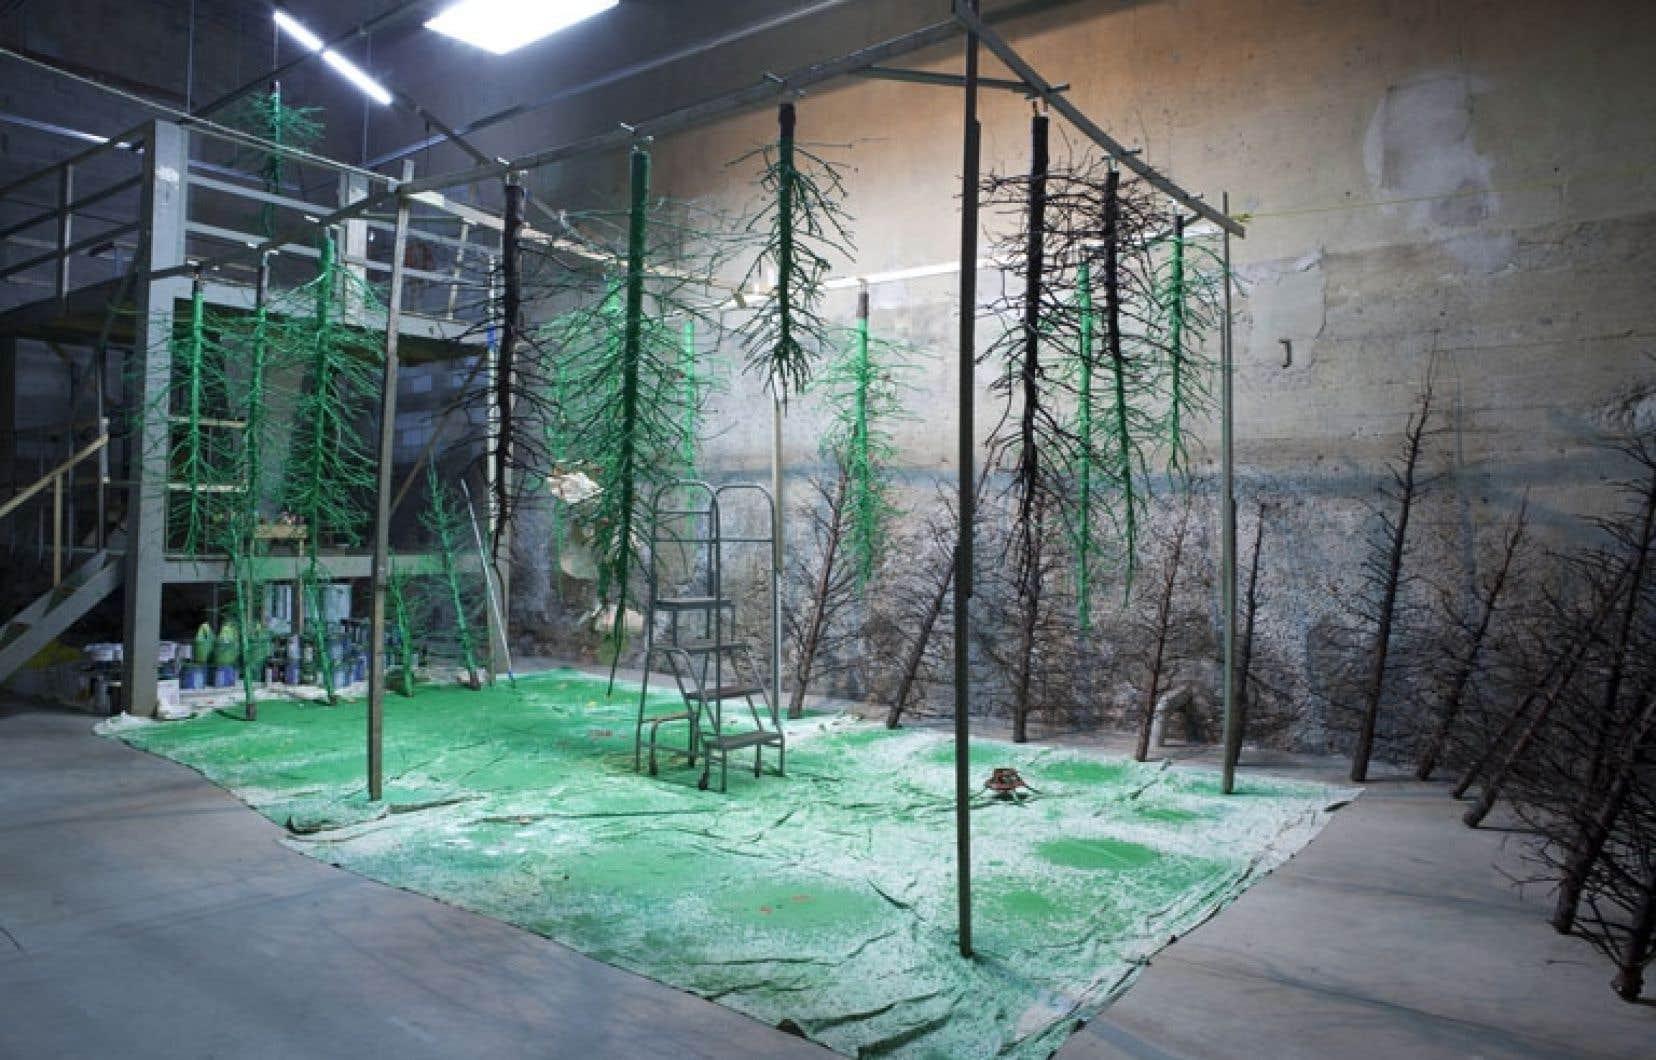 Usine de sapins, de BGL, 2009, vue de l'installation à la galerie Parisian Laundry, à Montréal